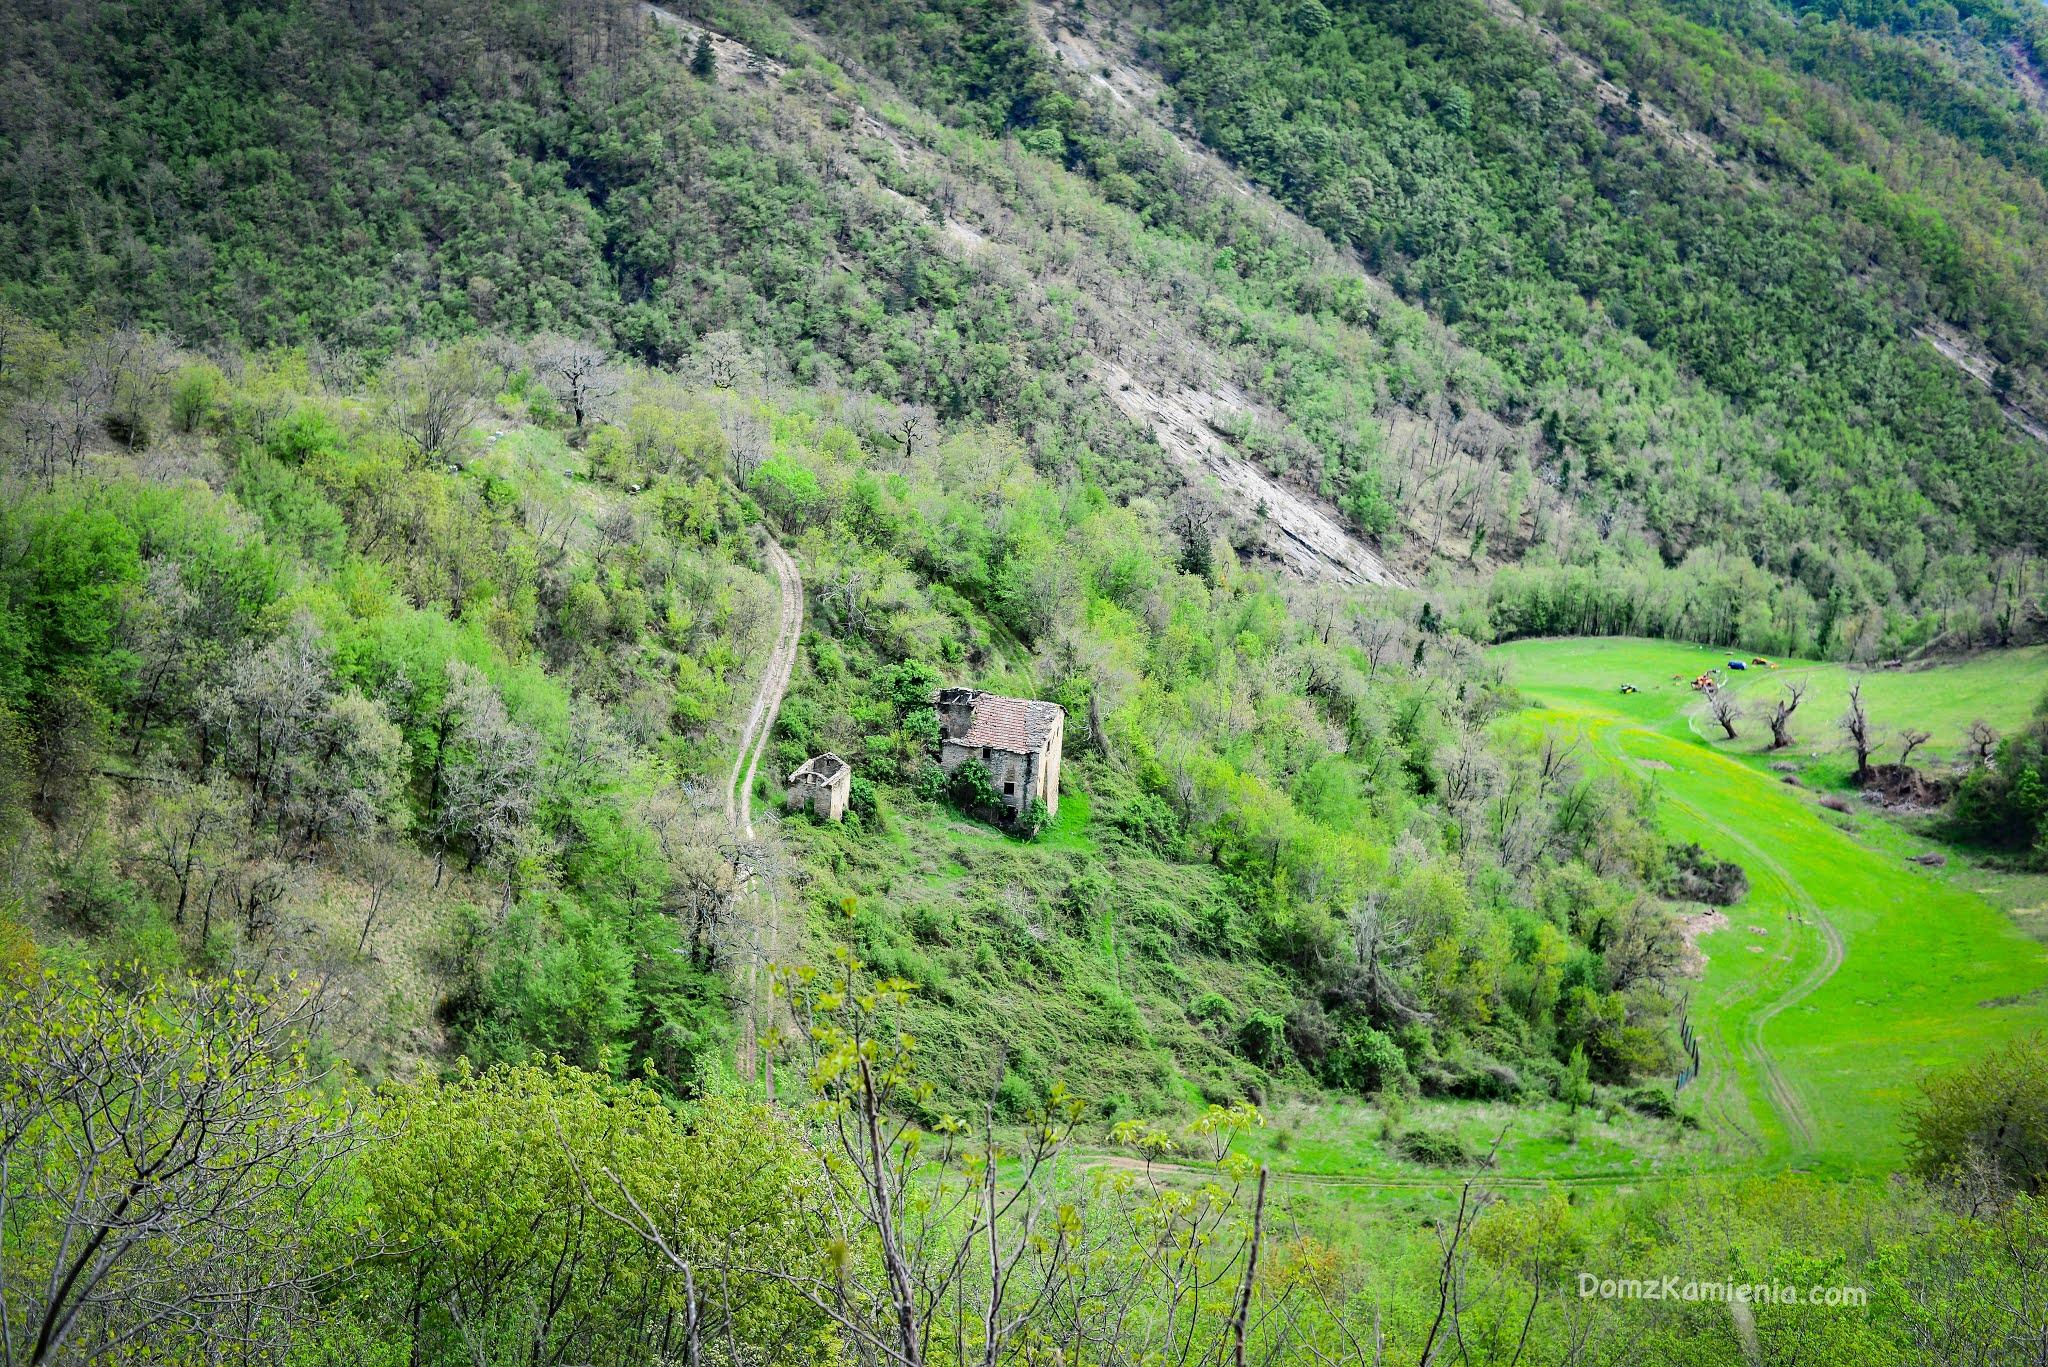 Dom z Kamienia, blog, Marradi, Kasia Nowacka